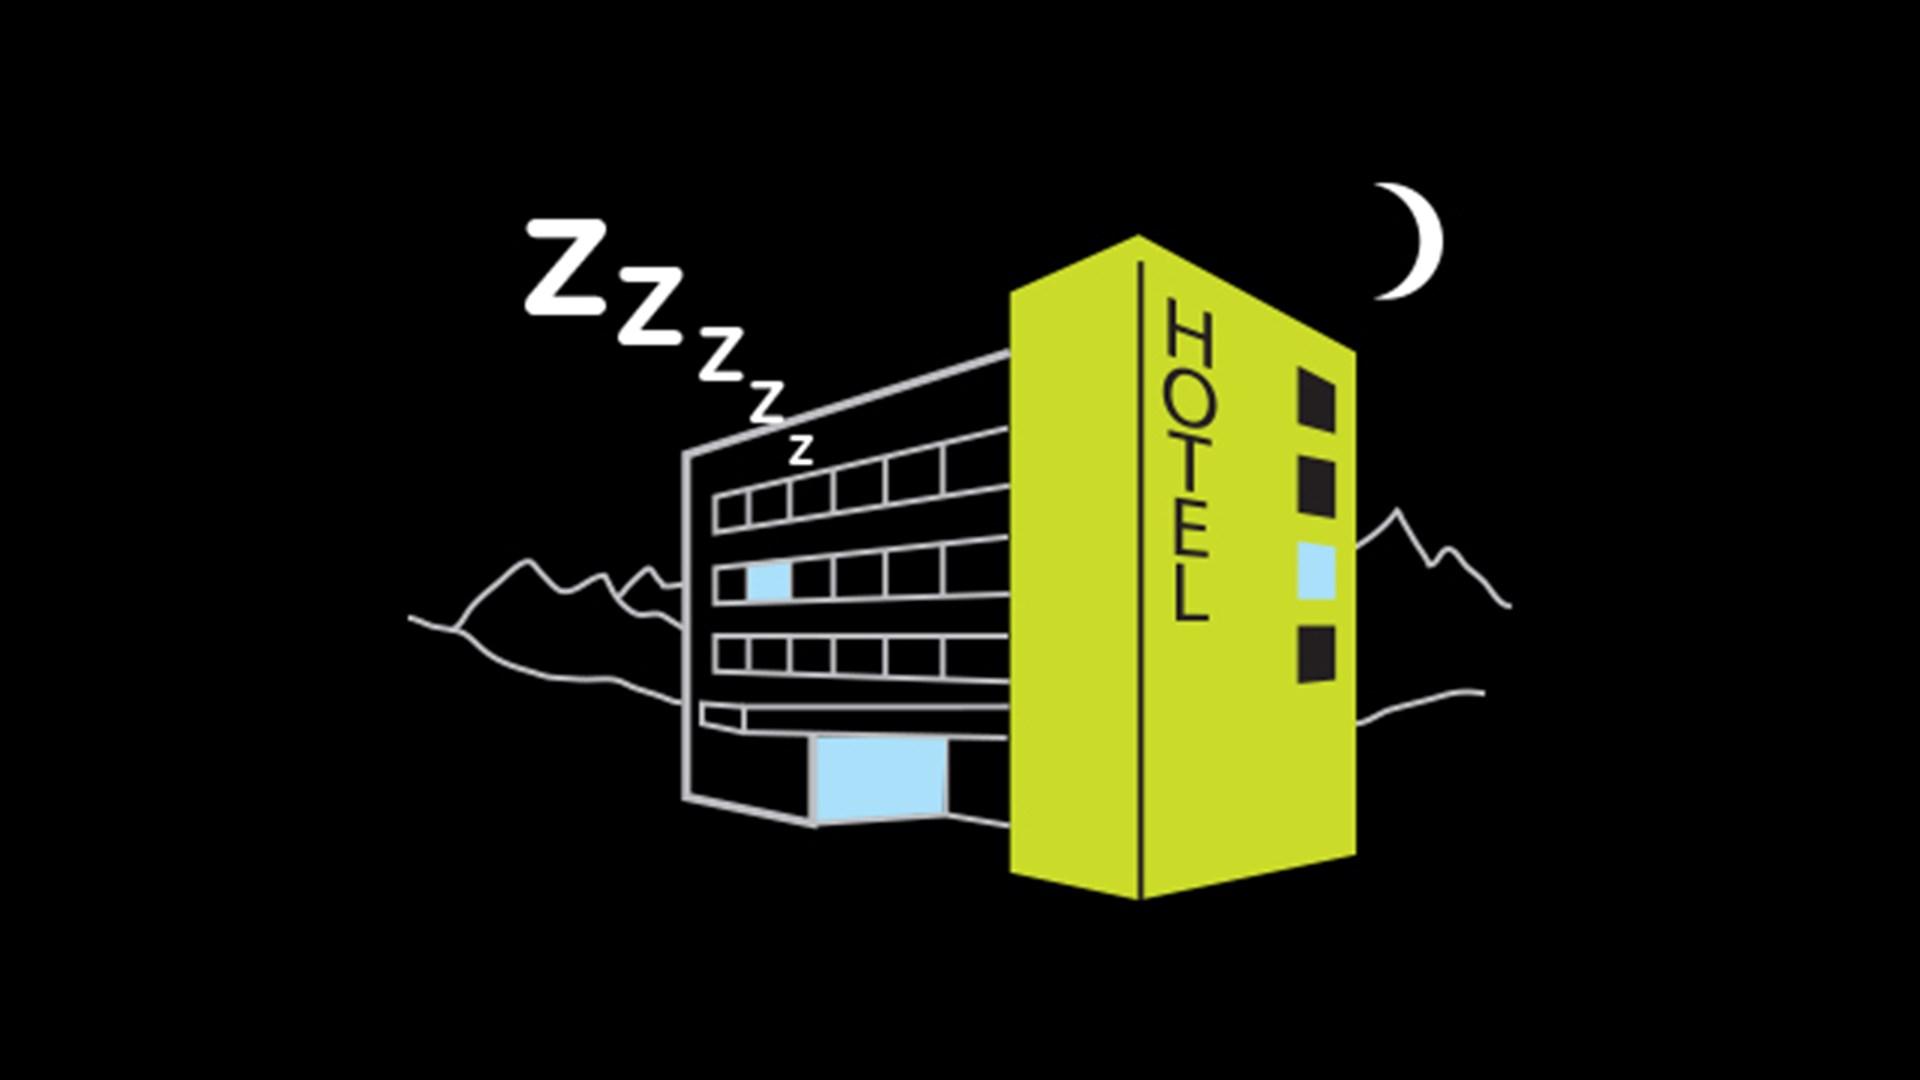 Beddenspecialist Den Herder slaapscore vraag 3